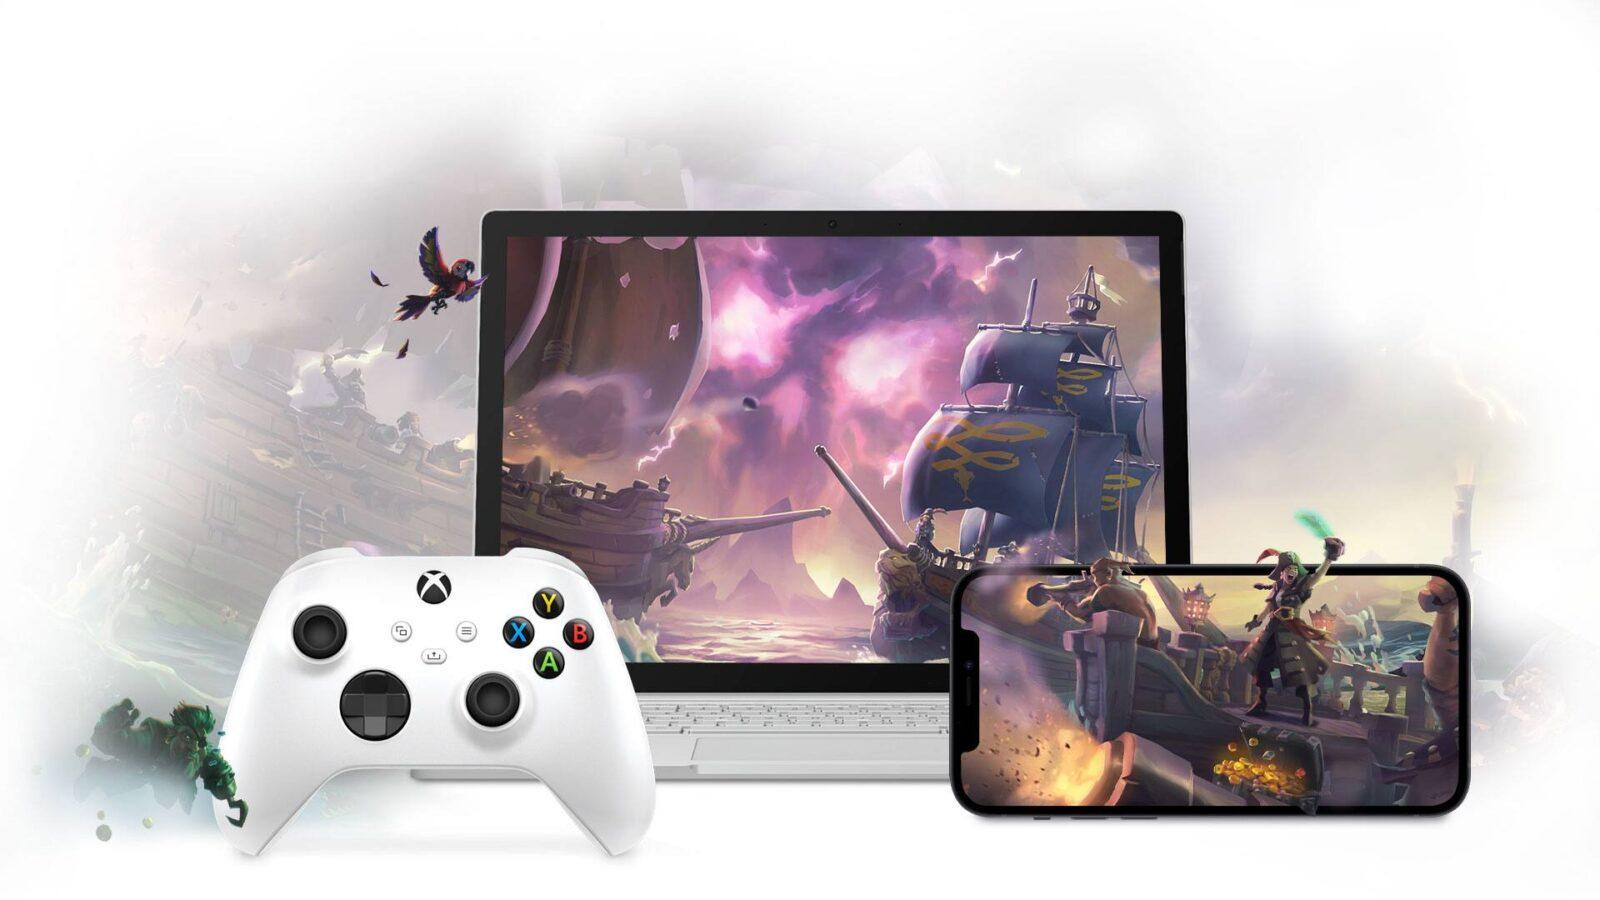 Microsoft выпустила Xbox Cloud Gaming на ПК и iOS (a8c1720e a657 4cd3 9e1b d65ae0d121311c1d11d5 b032 4d56 a495 8a5982fcb279 original)